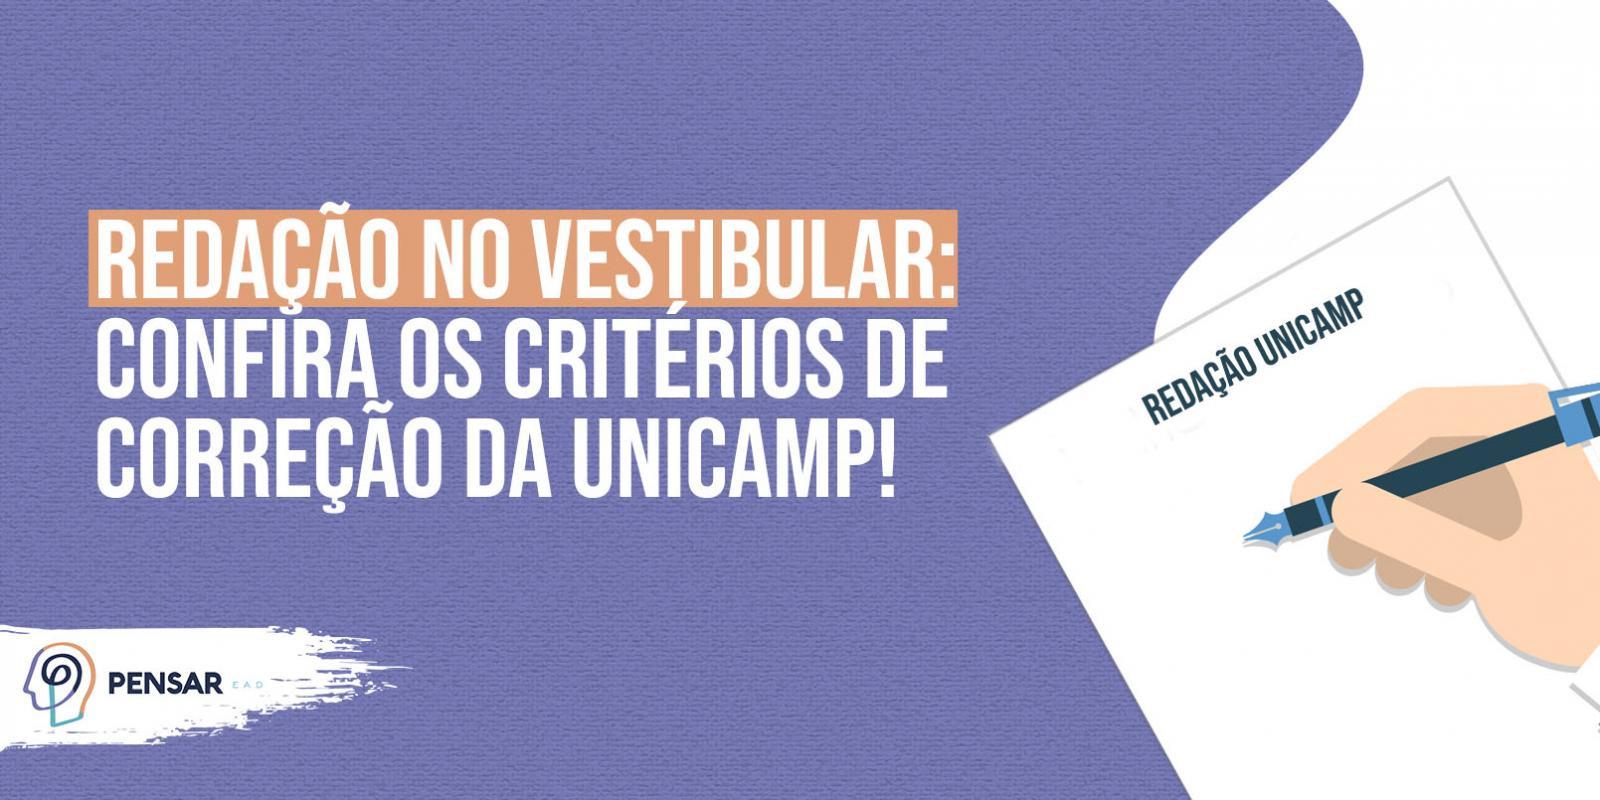 Redação no vestibular: conheça os critérios de correção da UNICAMP!